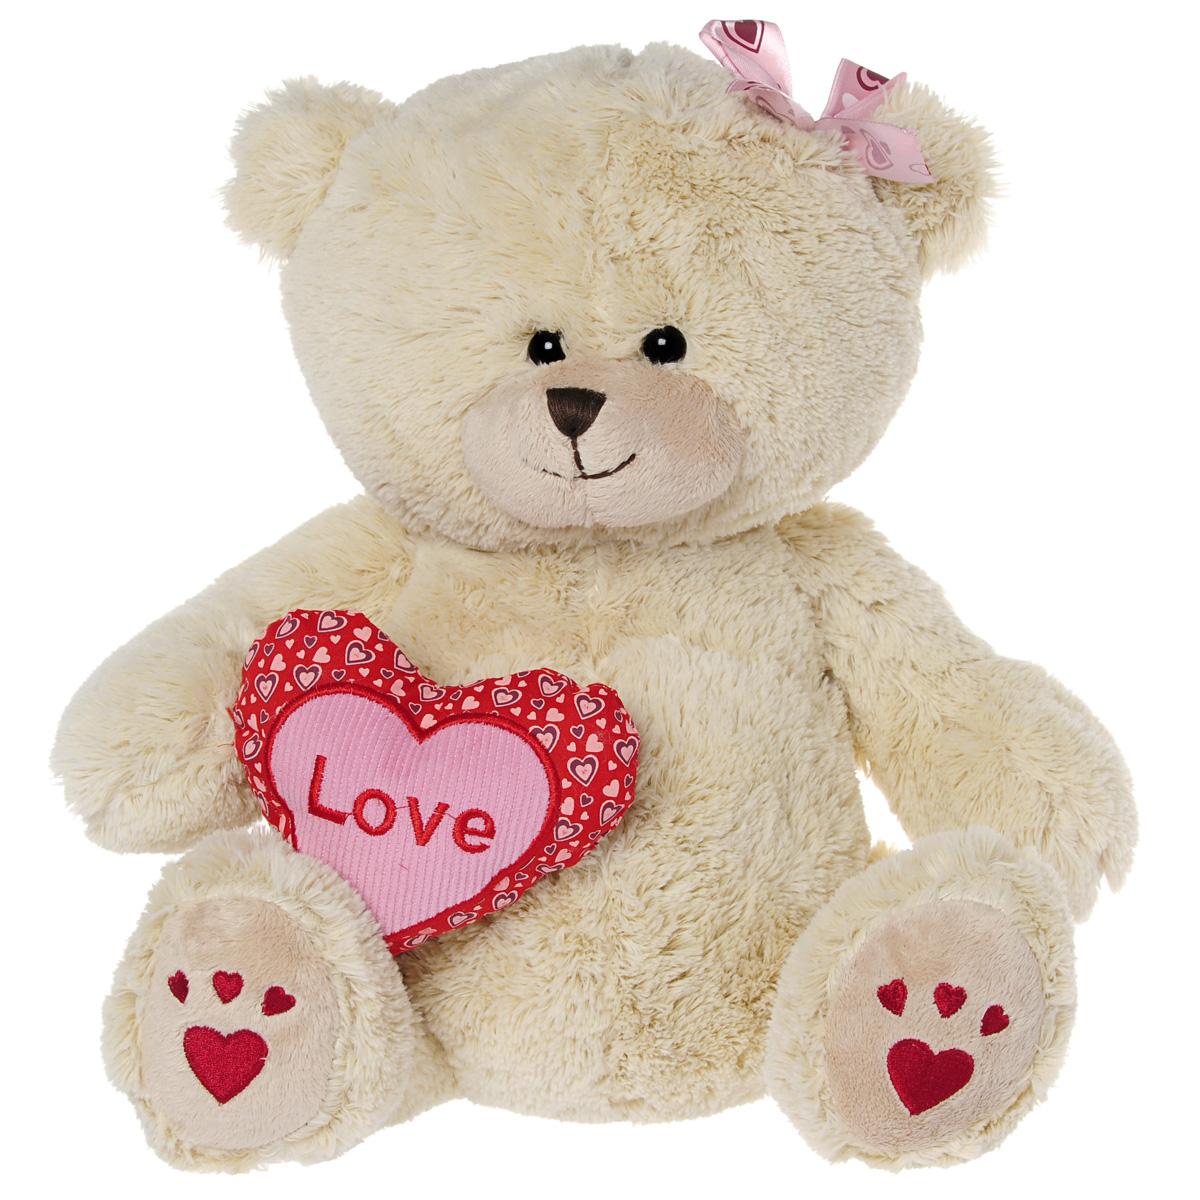 Мягкая игрушка Maxi Toys Мишка Лина с сердцем, 31 смTS-A6793-30BSОчаровательная мягкая игрушка Maxi Toys Мишка Лина с сердцем выполненная в виде трогательного медвежонка, непременно вызовет умиление и улыбку у каждого. Милая медведица Лина держит в руках сердечко с надписью Love, а ее ушко украшено розовым бантикам. Игрушка изготовлена из высококачественного мягкого искусственного меха с набивкой из синтепона. Удивительно мягкая игрушка принесет радость и подарит своему обладателю мгновения нежных объятий и приятных воспоминаний. Великолепное качество исполнения делают эту игрушку чудесным подарком к любому празднику.